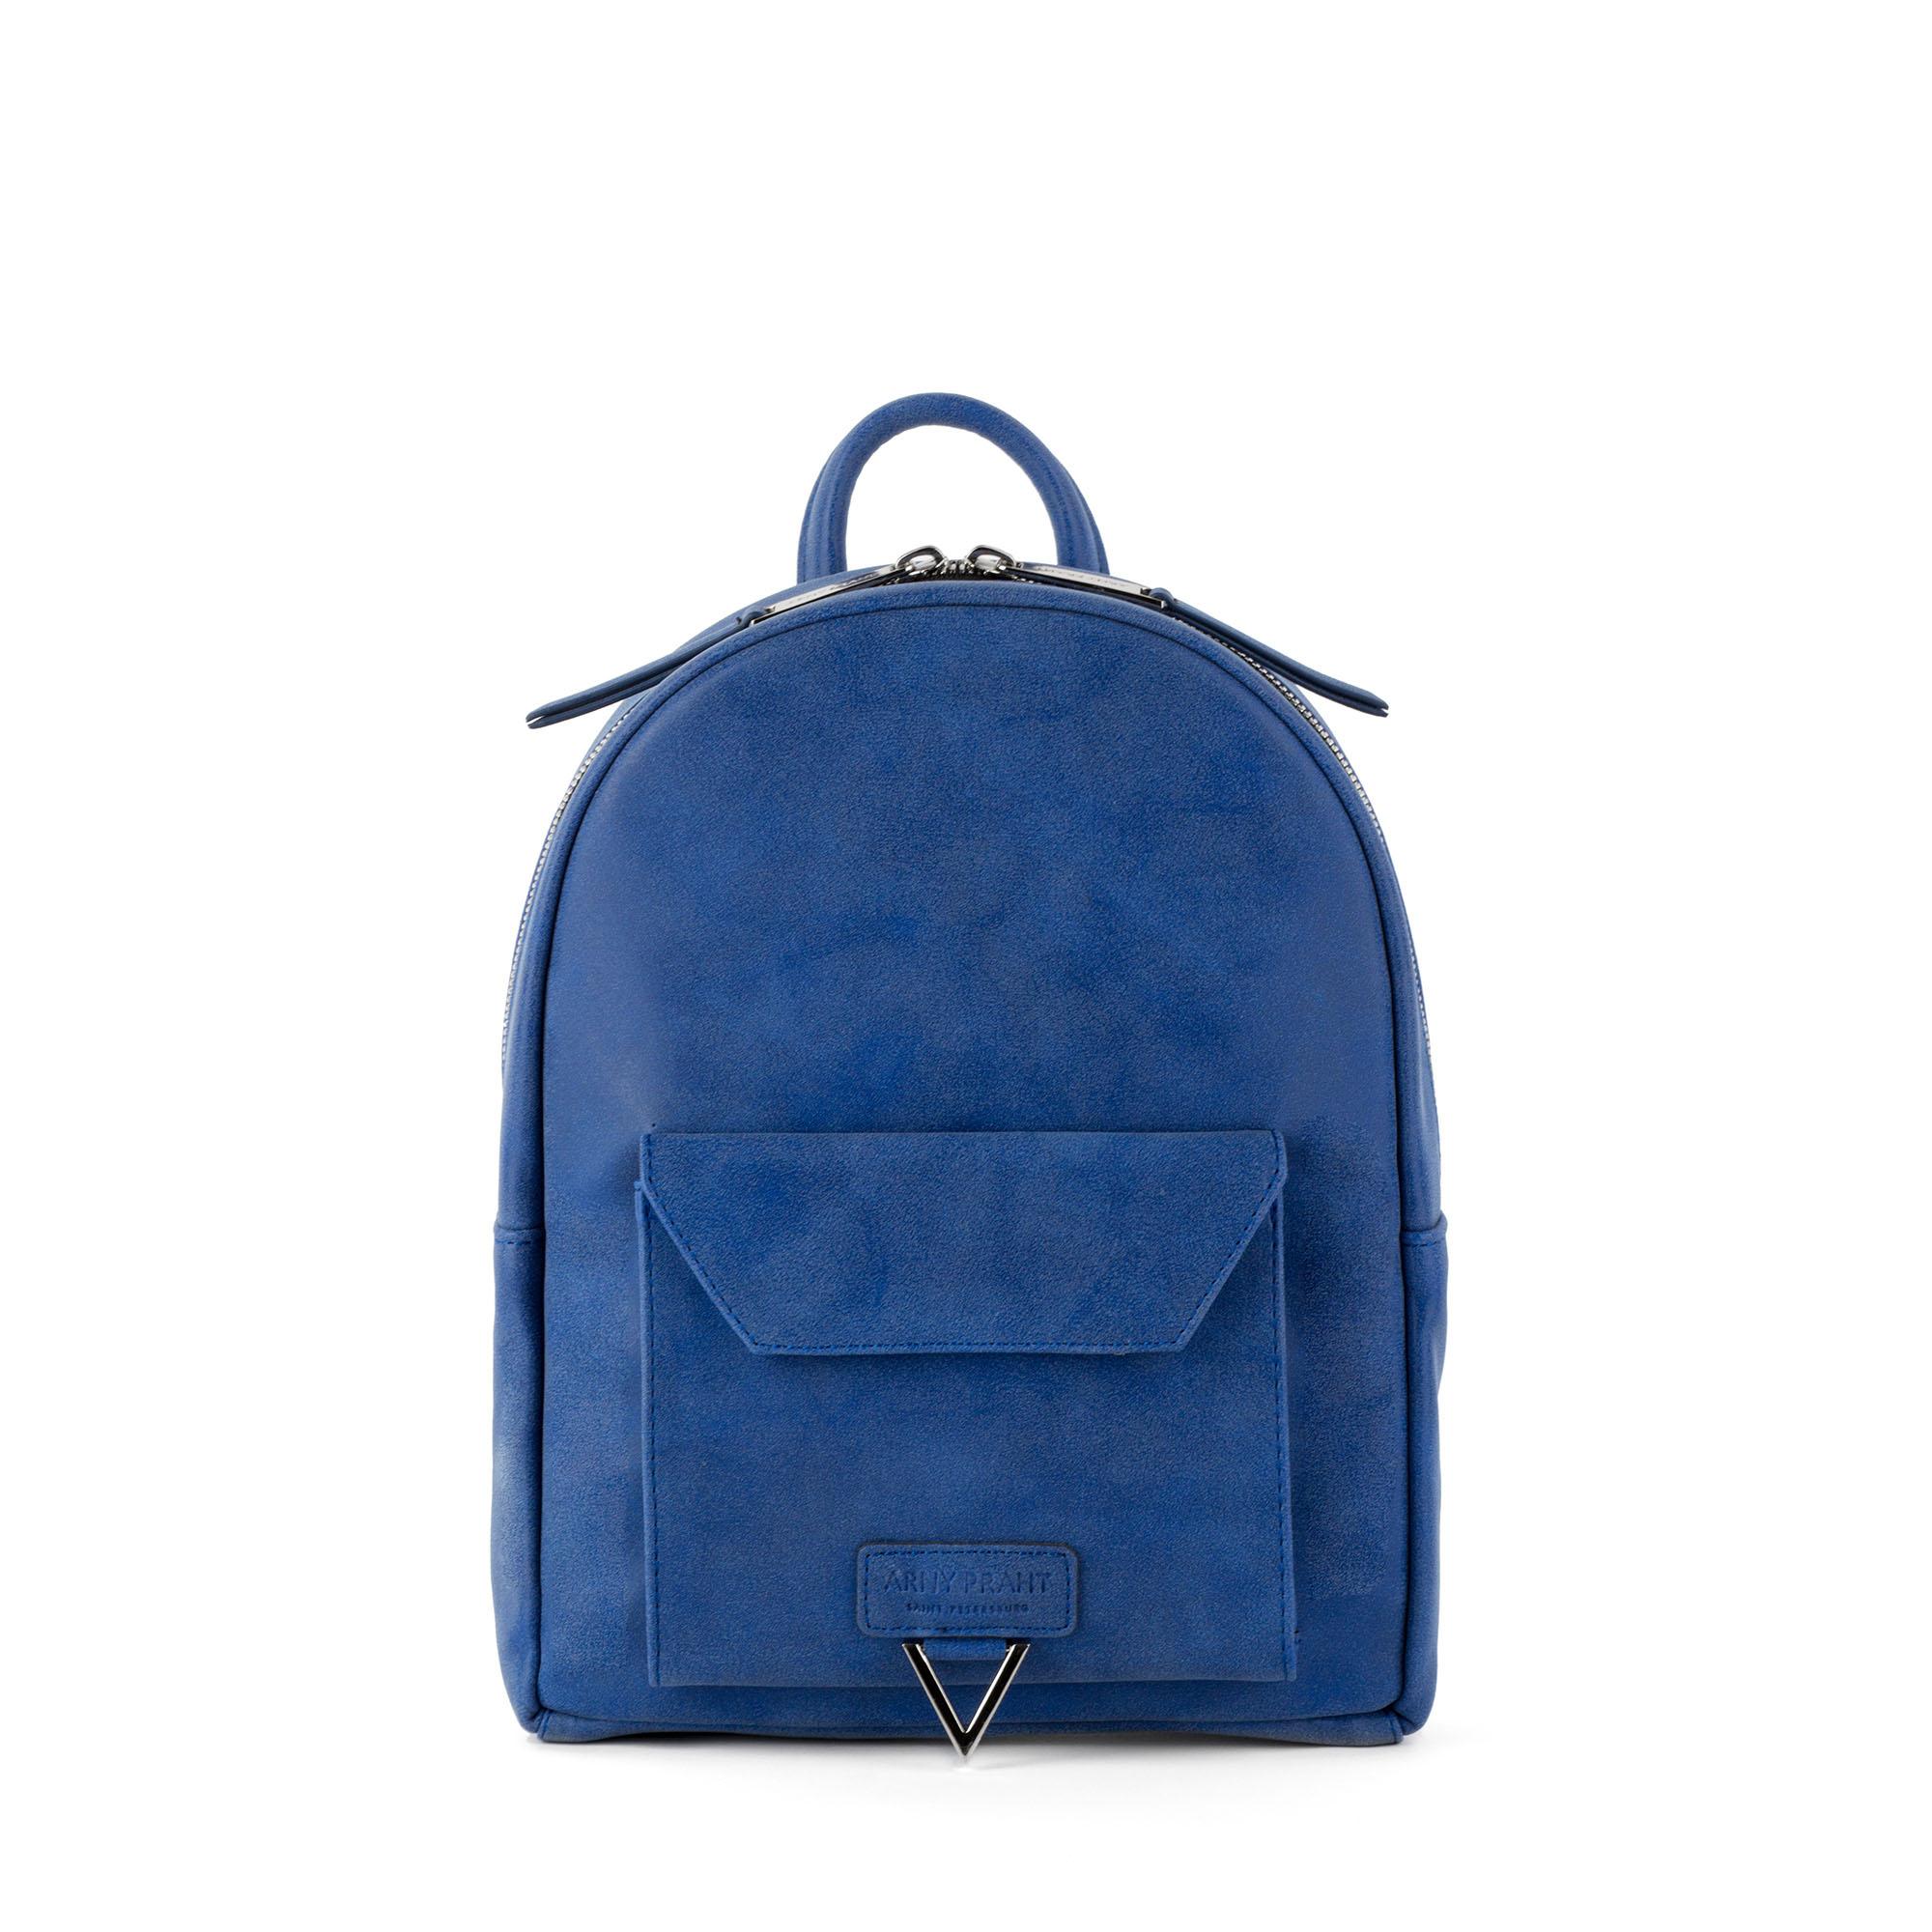 64bd2fcbb356 Рюкзак женский Vendi S синий - Интернет-магазин ARNY PRAHT